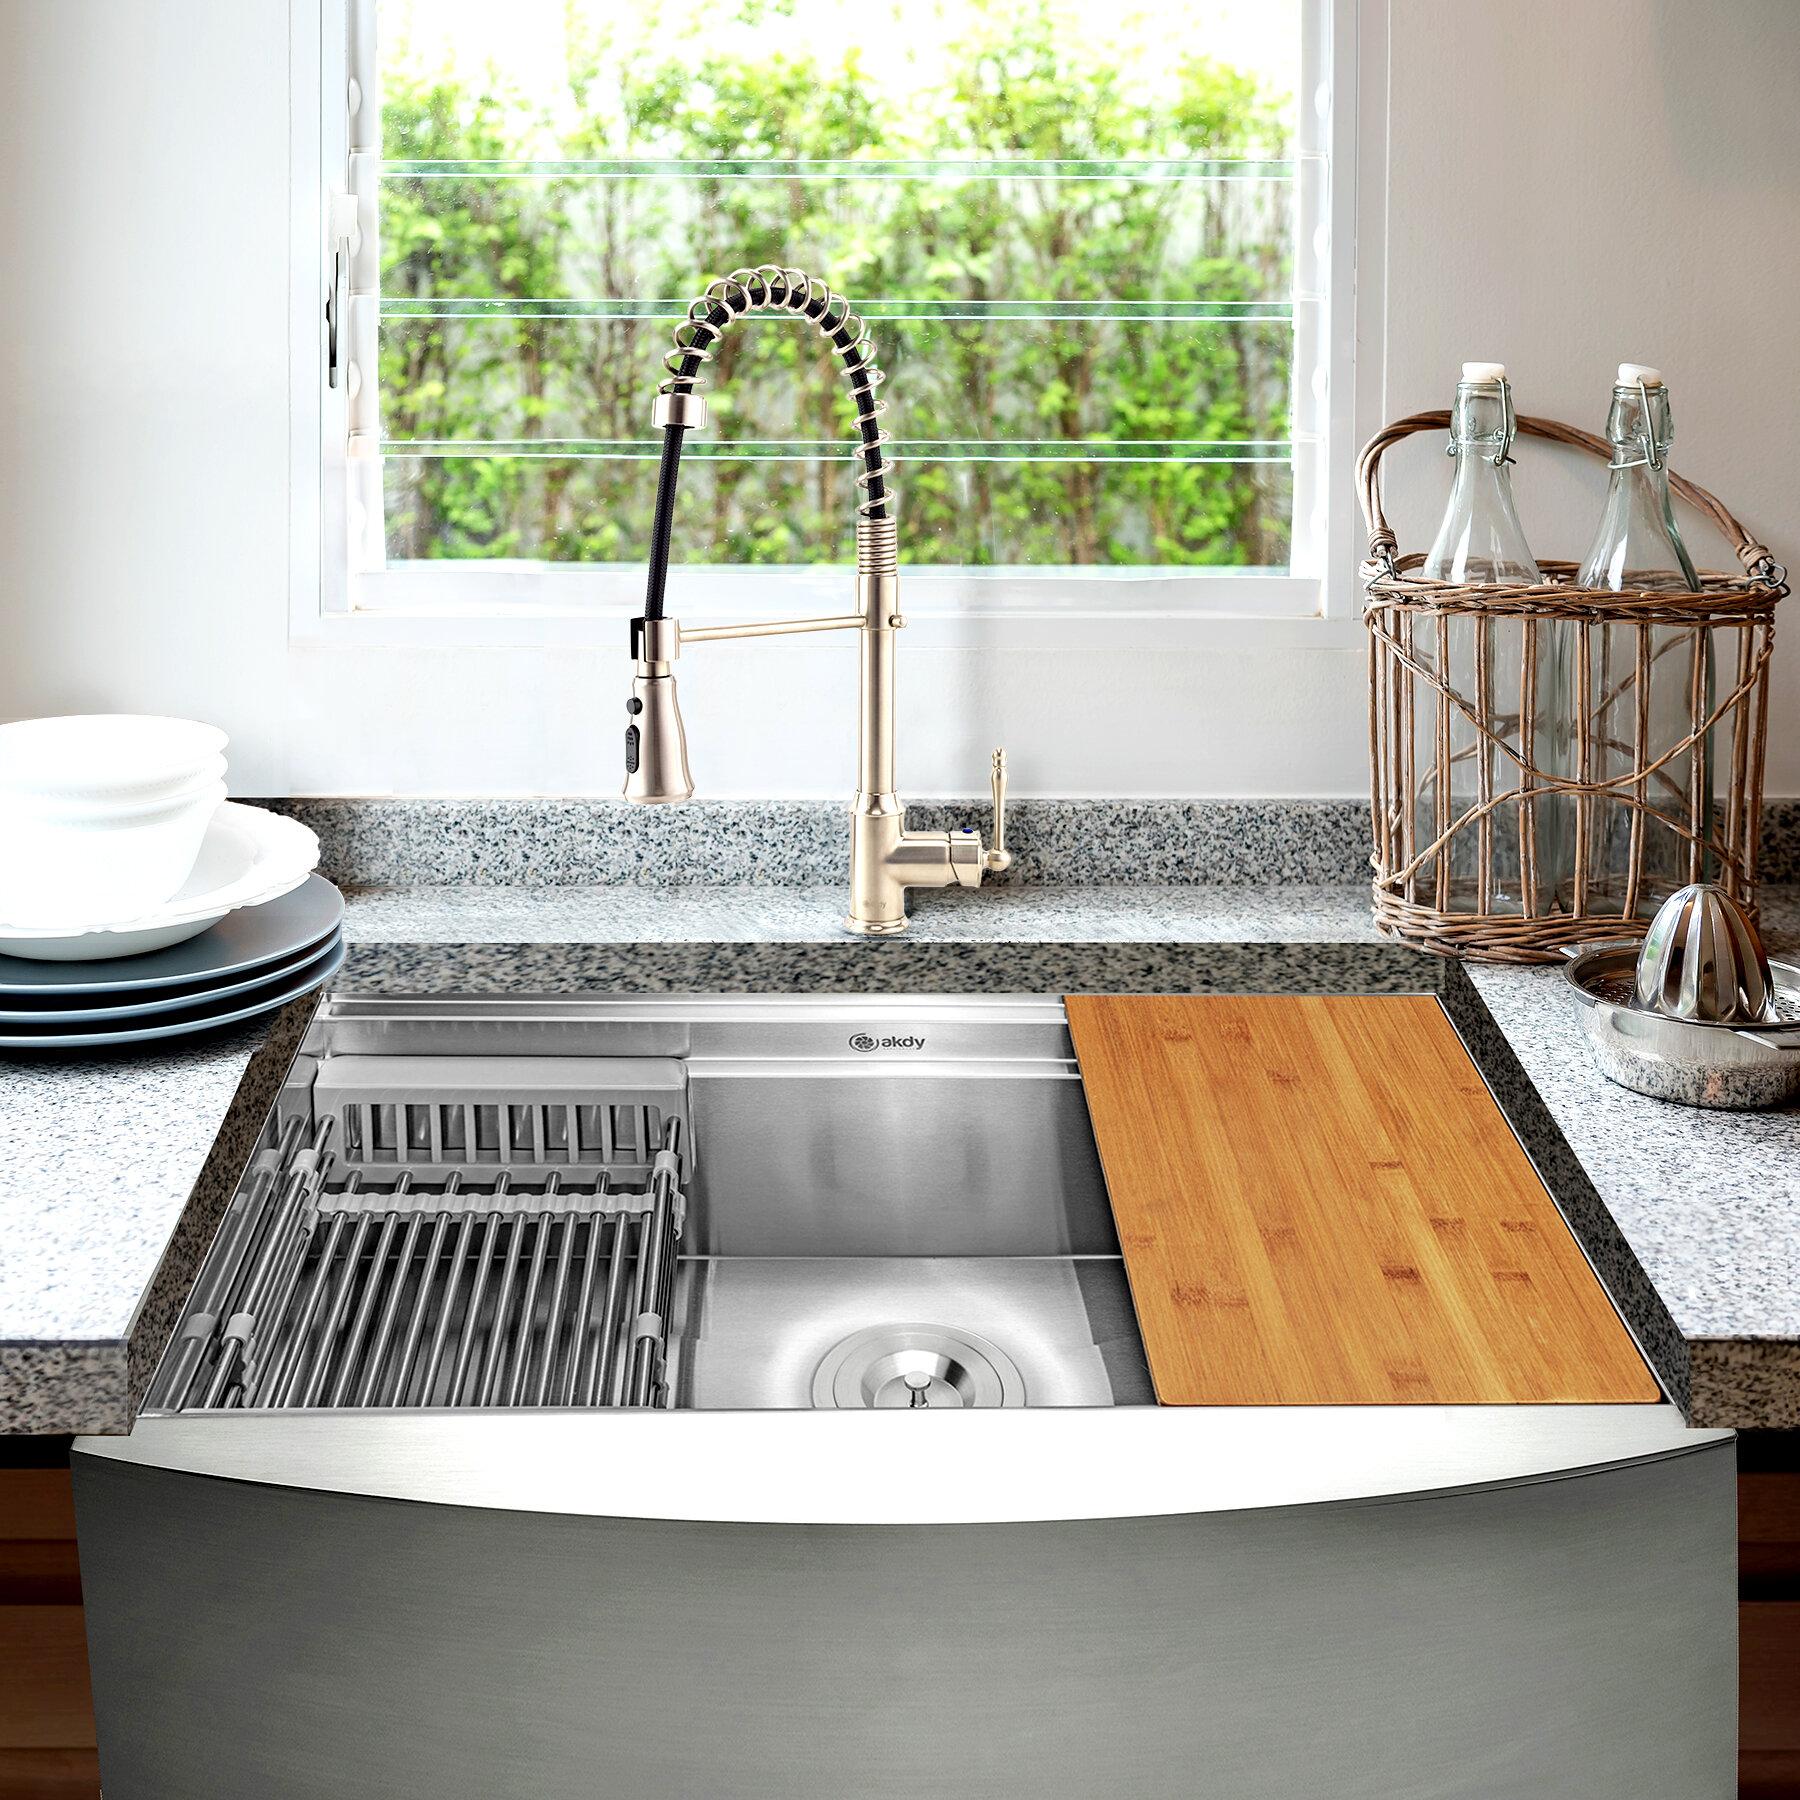 Akdy 33 L X 20 W Farmhouse Kitchen Sink With Faucet Wayfair